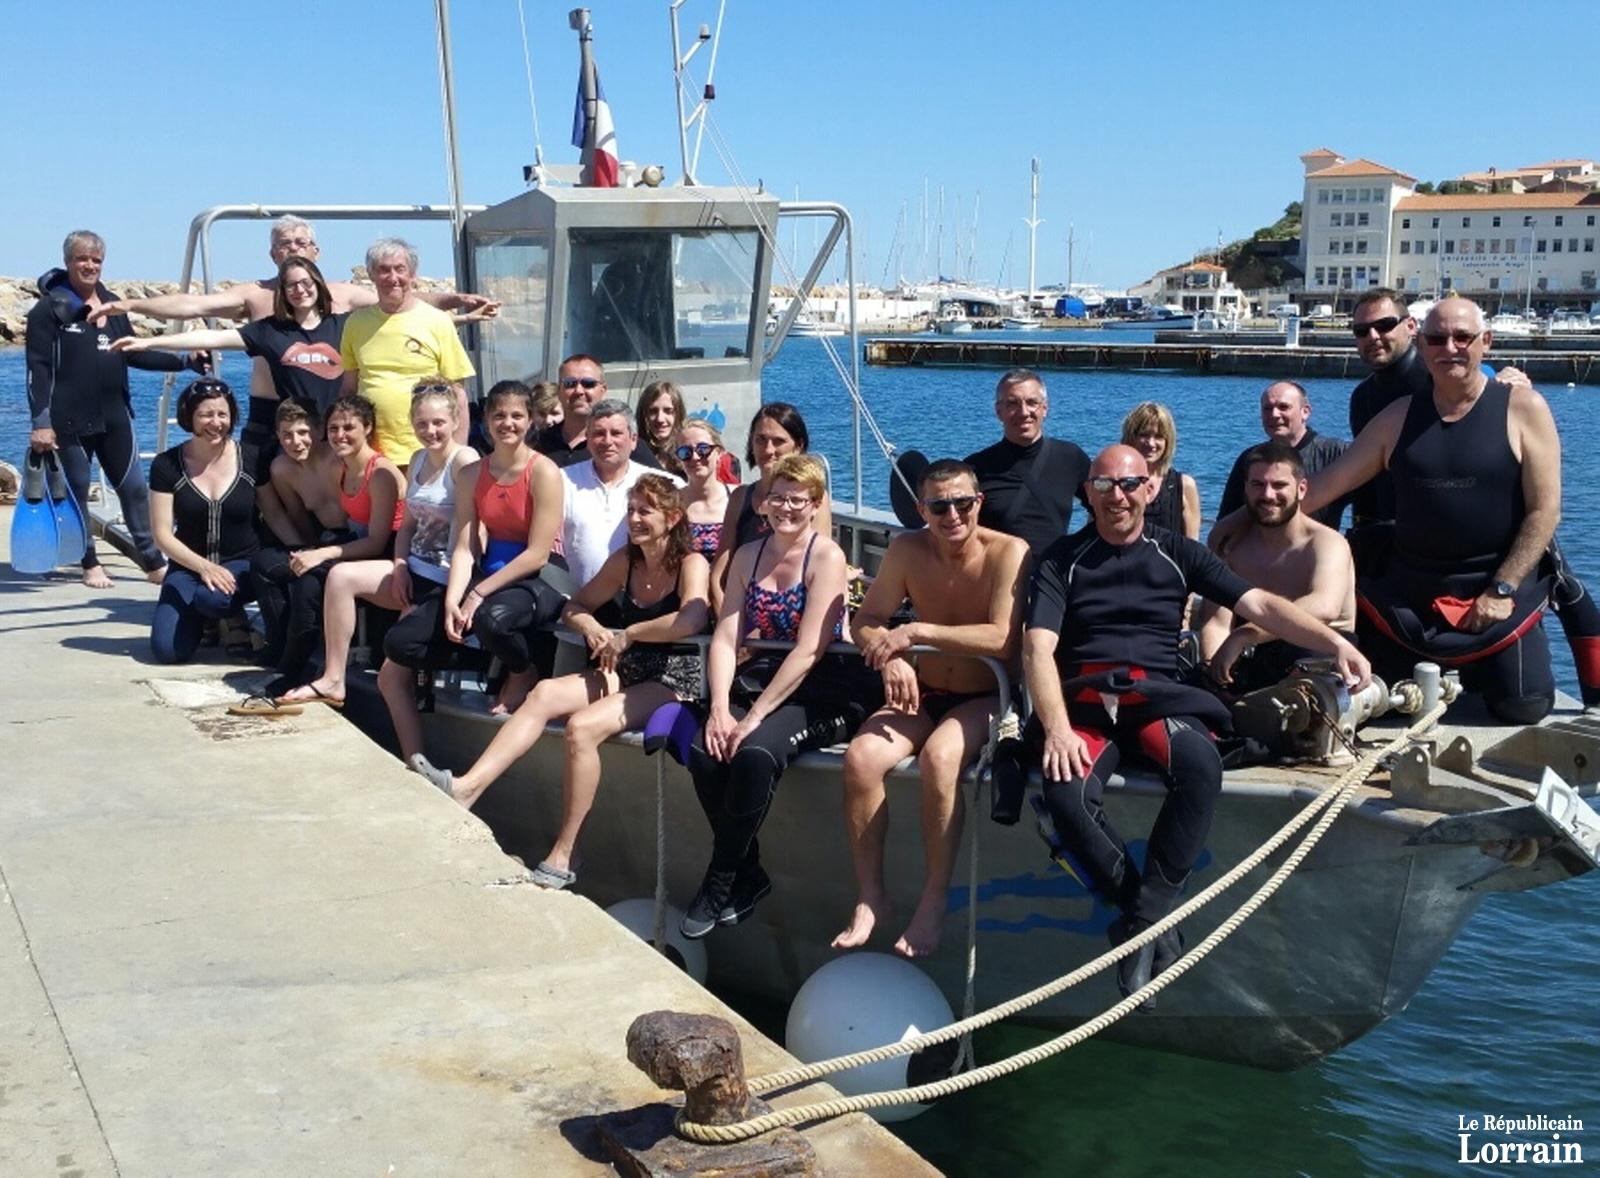 Les plongeurs aiment les sorties